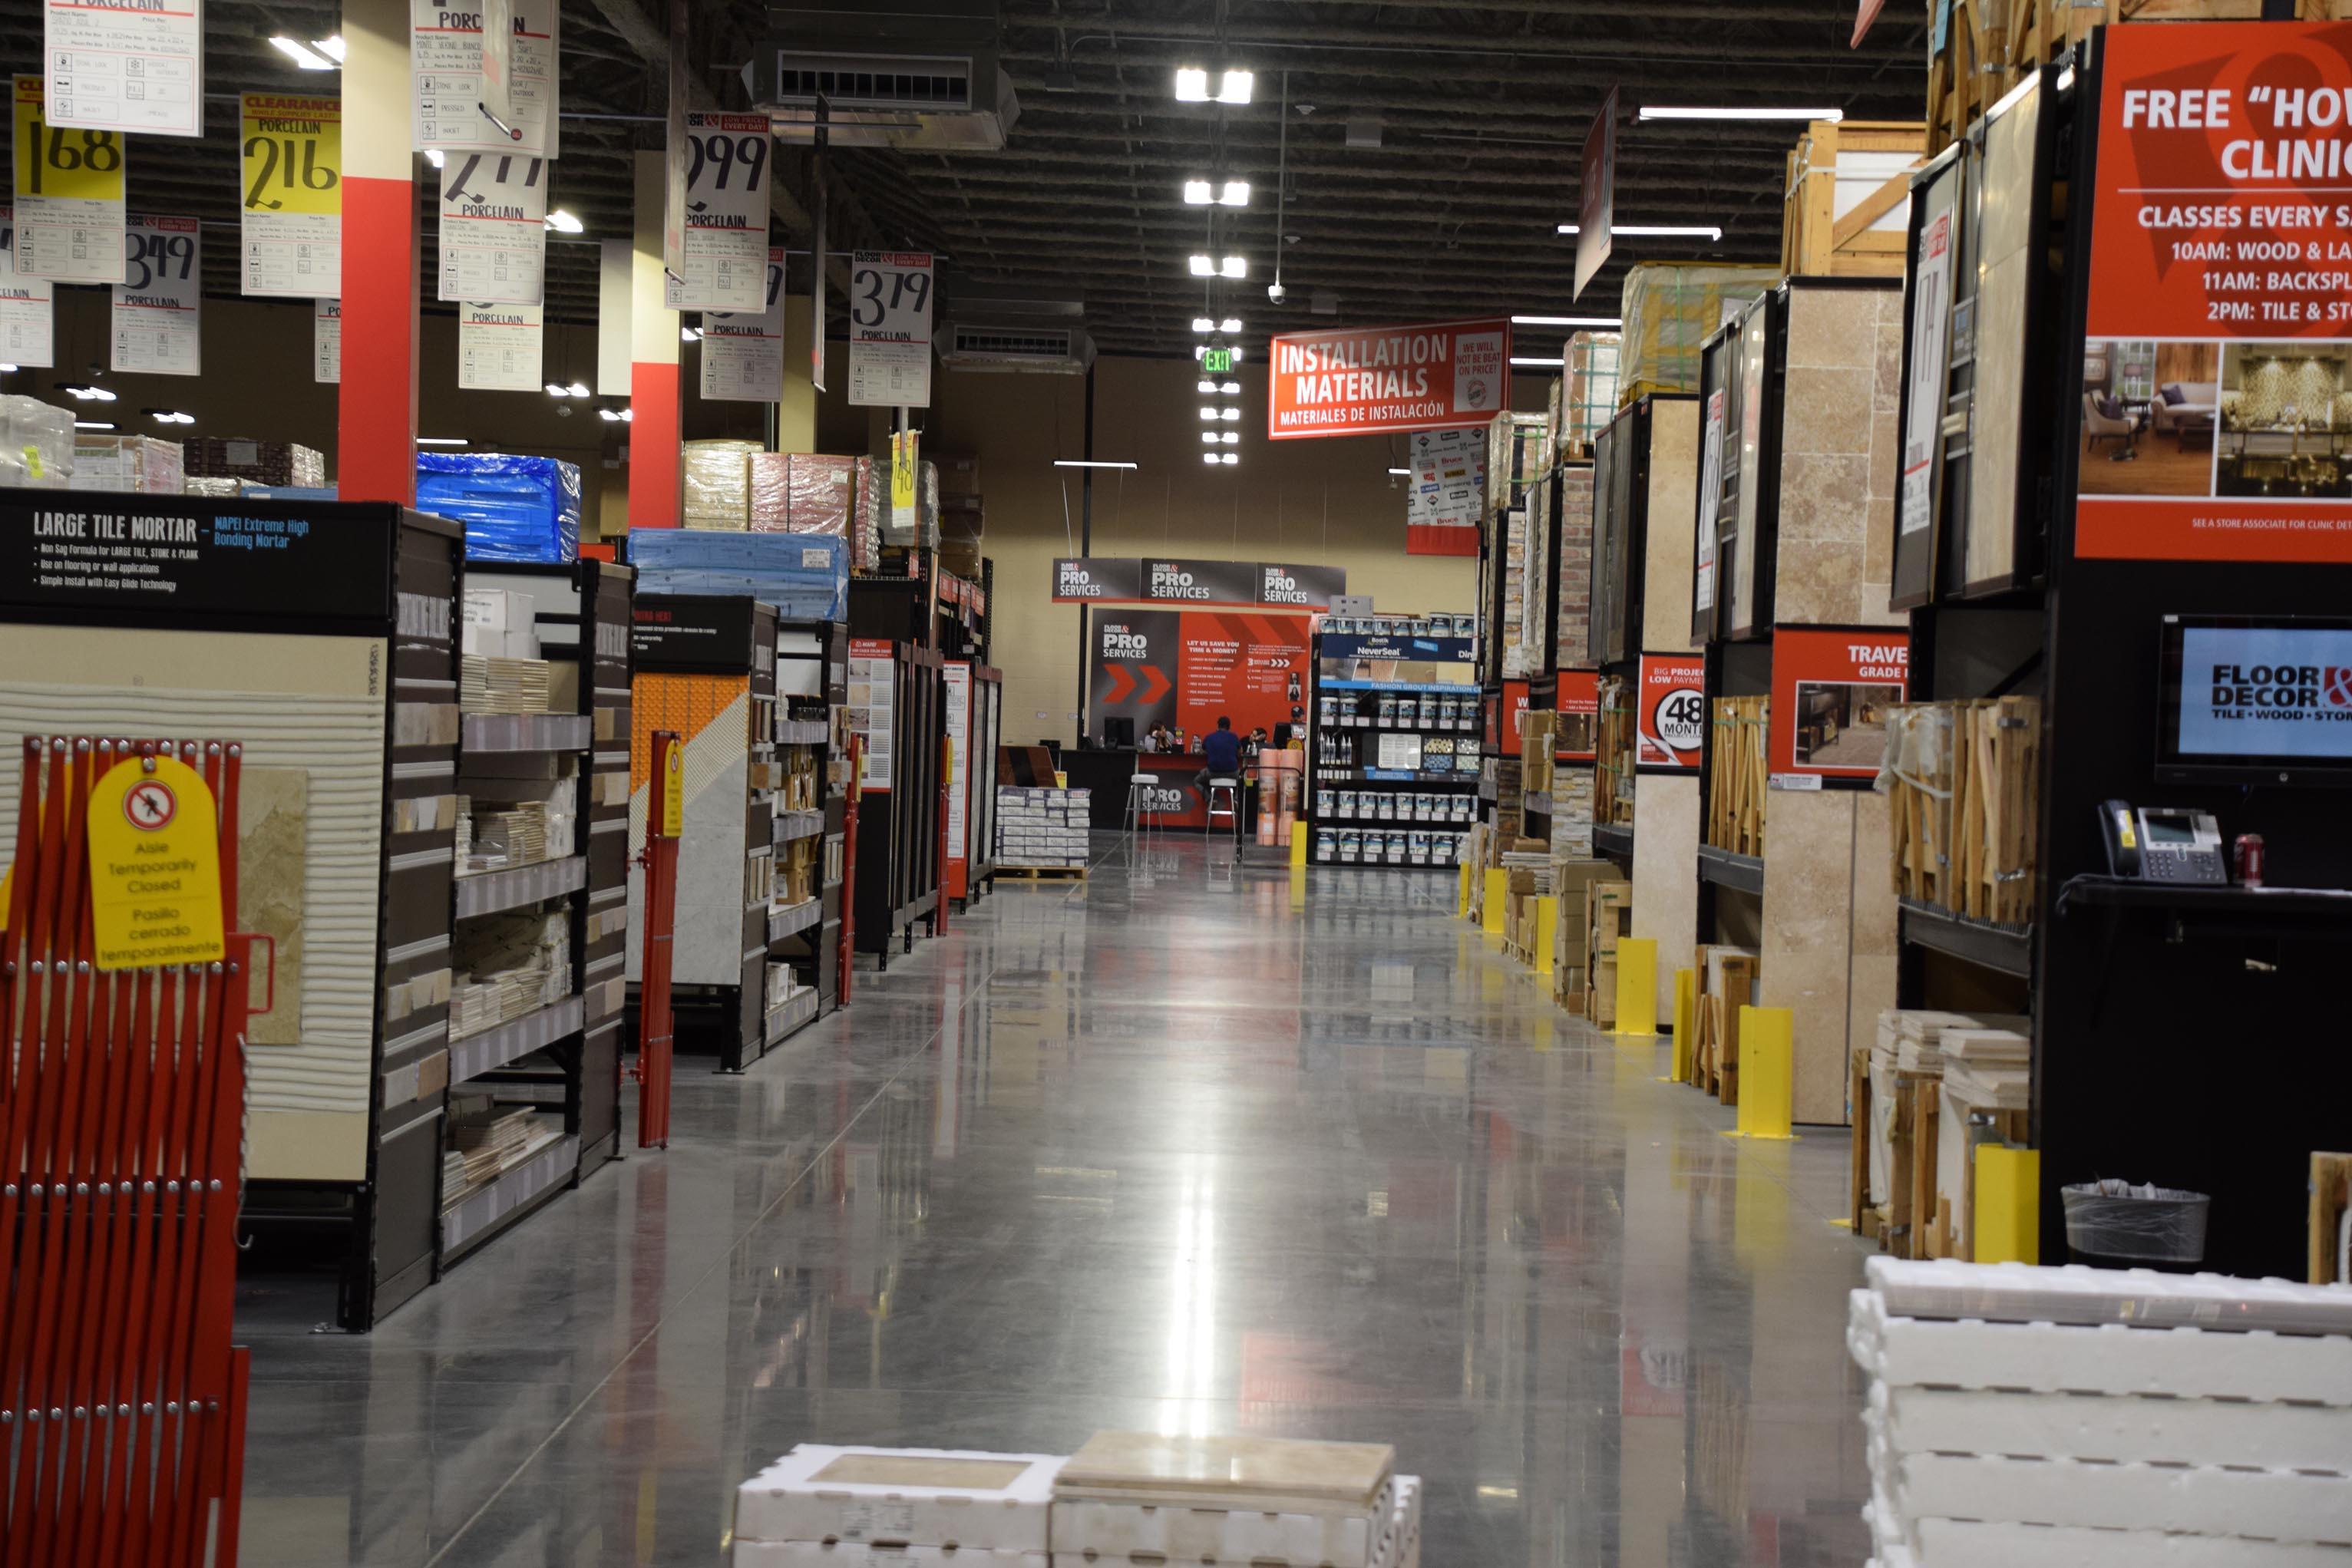 Floor & Decor image 41